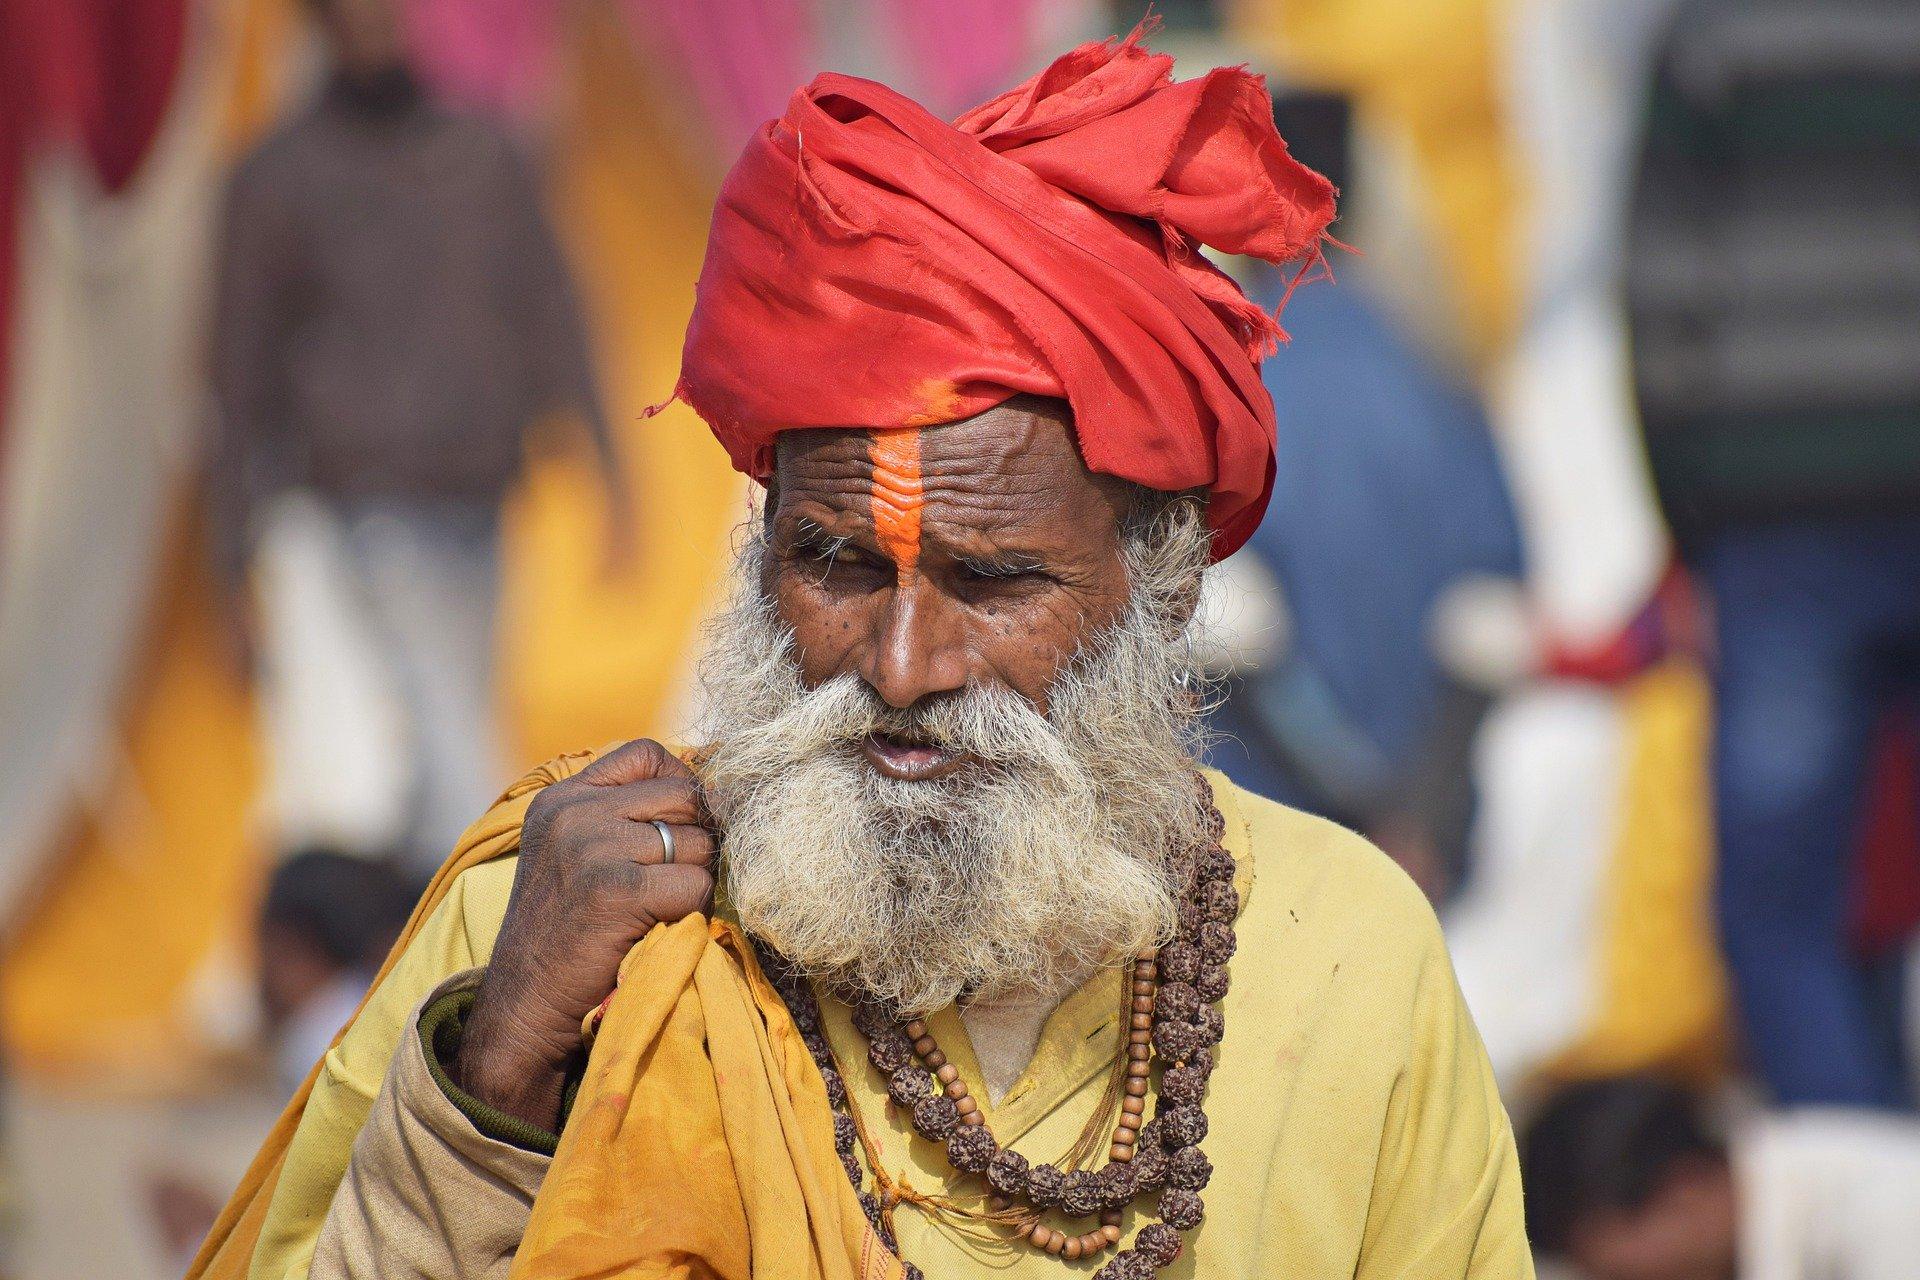 Putovanje Indija - Srce Indije (18)